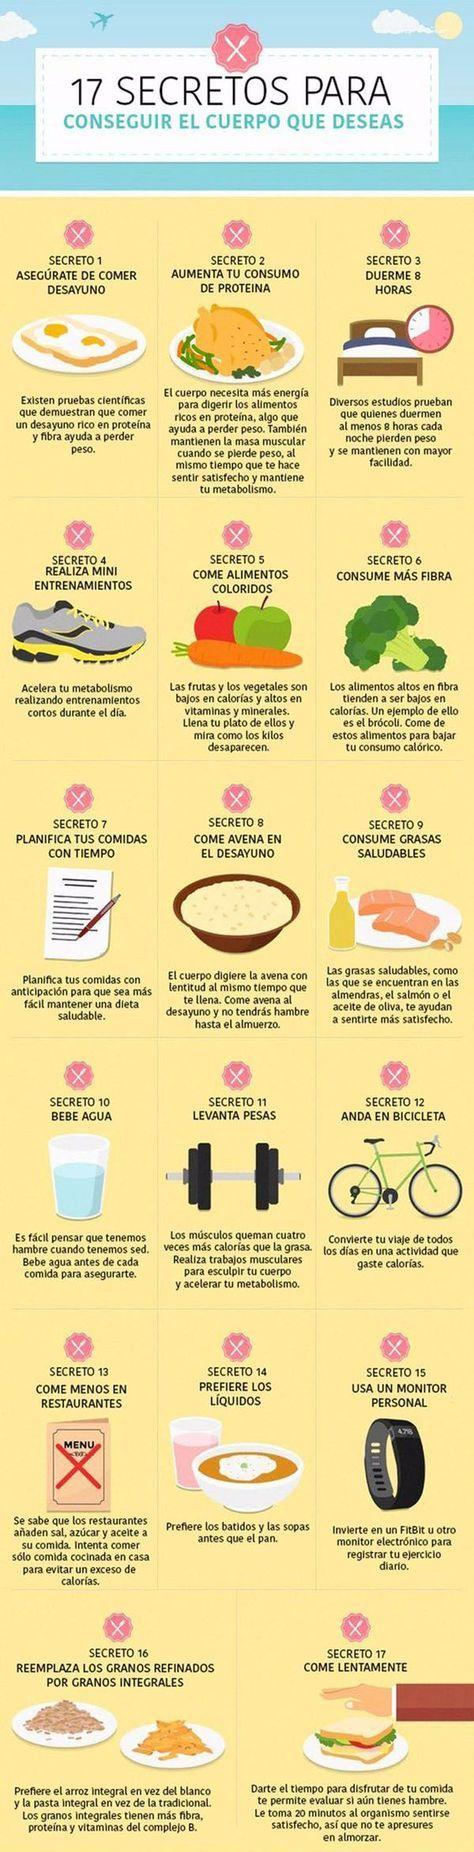 El cuerpo perfecto: 17 secretos para conseguirlo. #infografia #salud